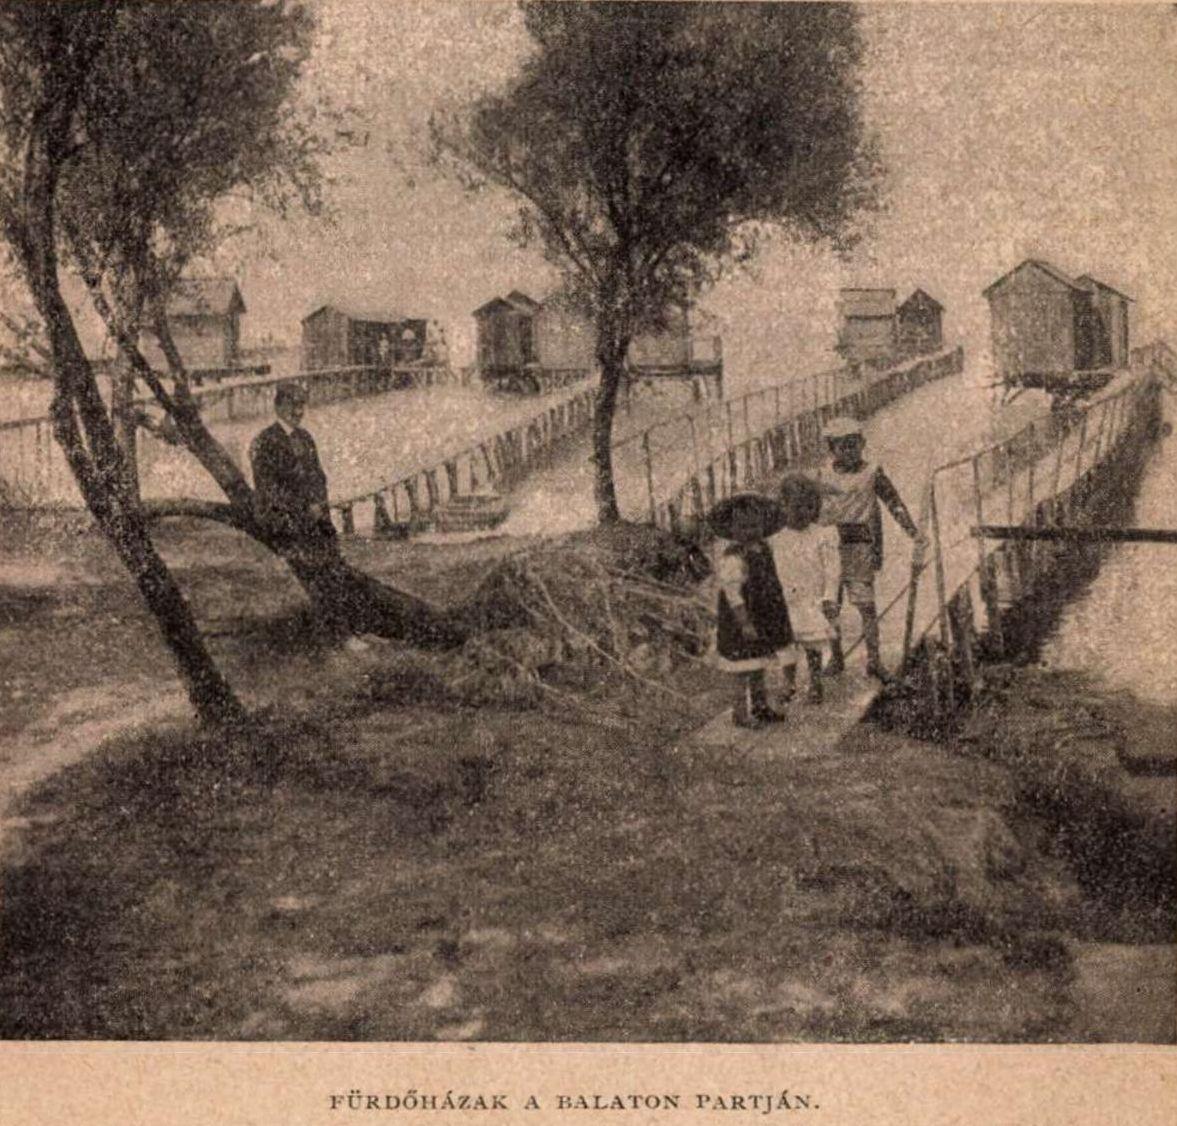 fu_rdo_ha_zak_a_balatonon_kincses_kalenda_rium_1917.jpg